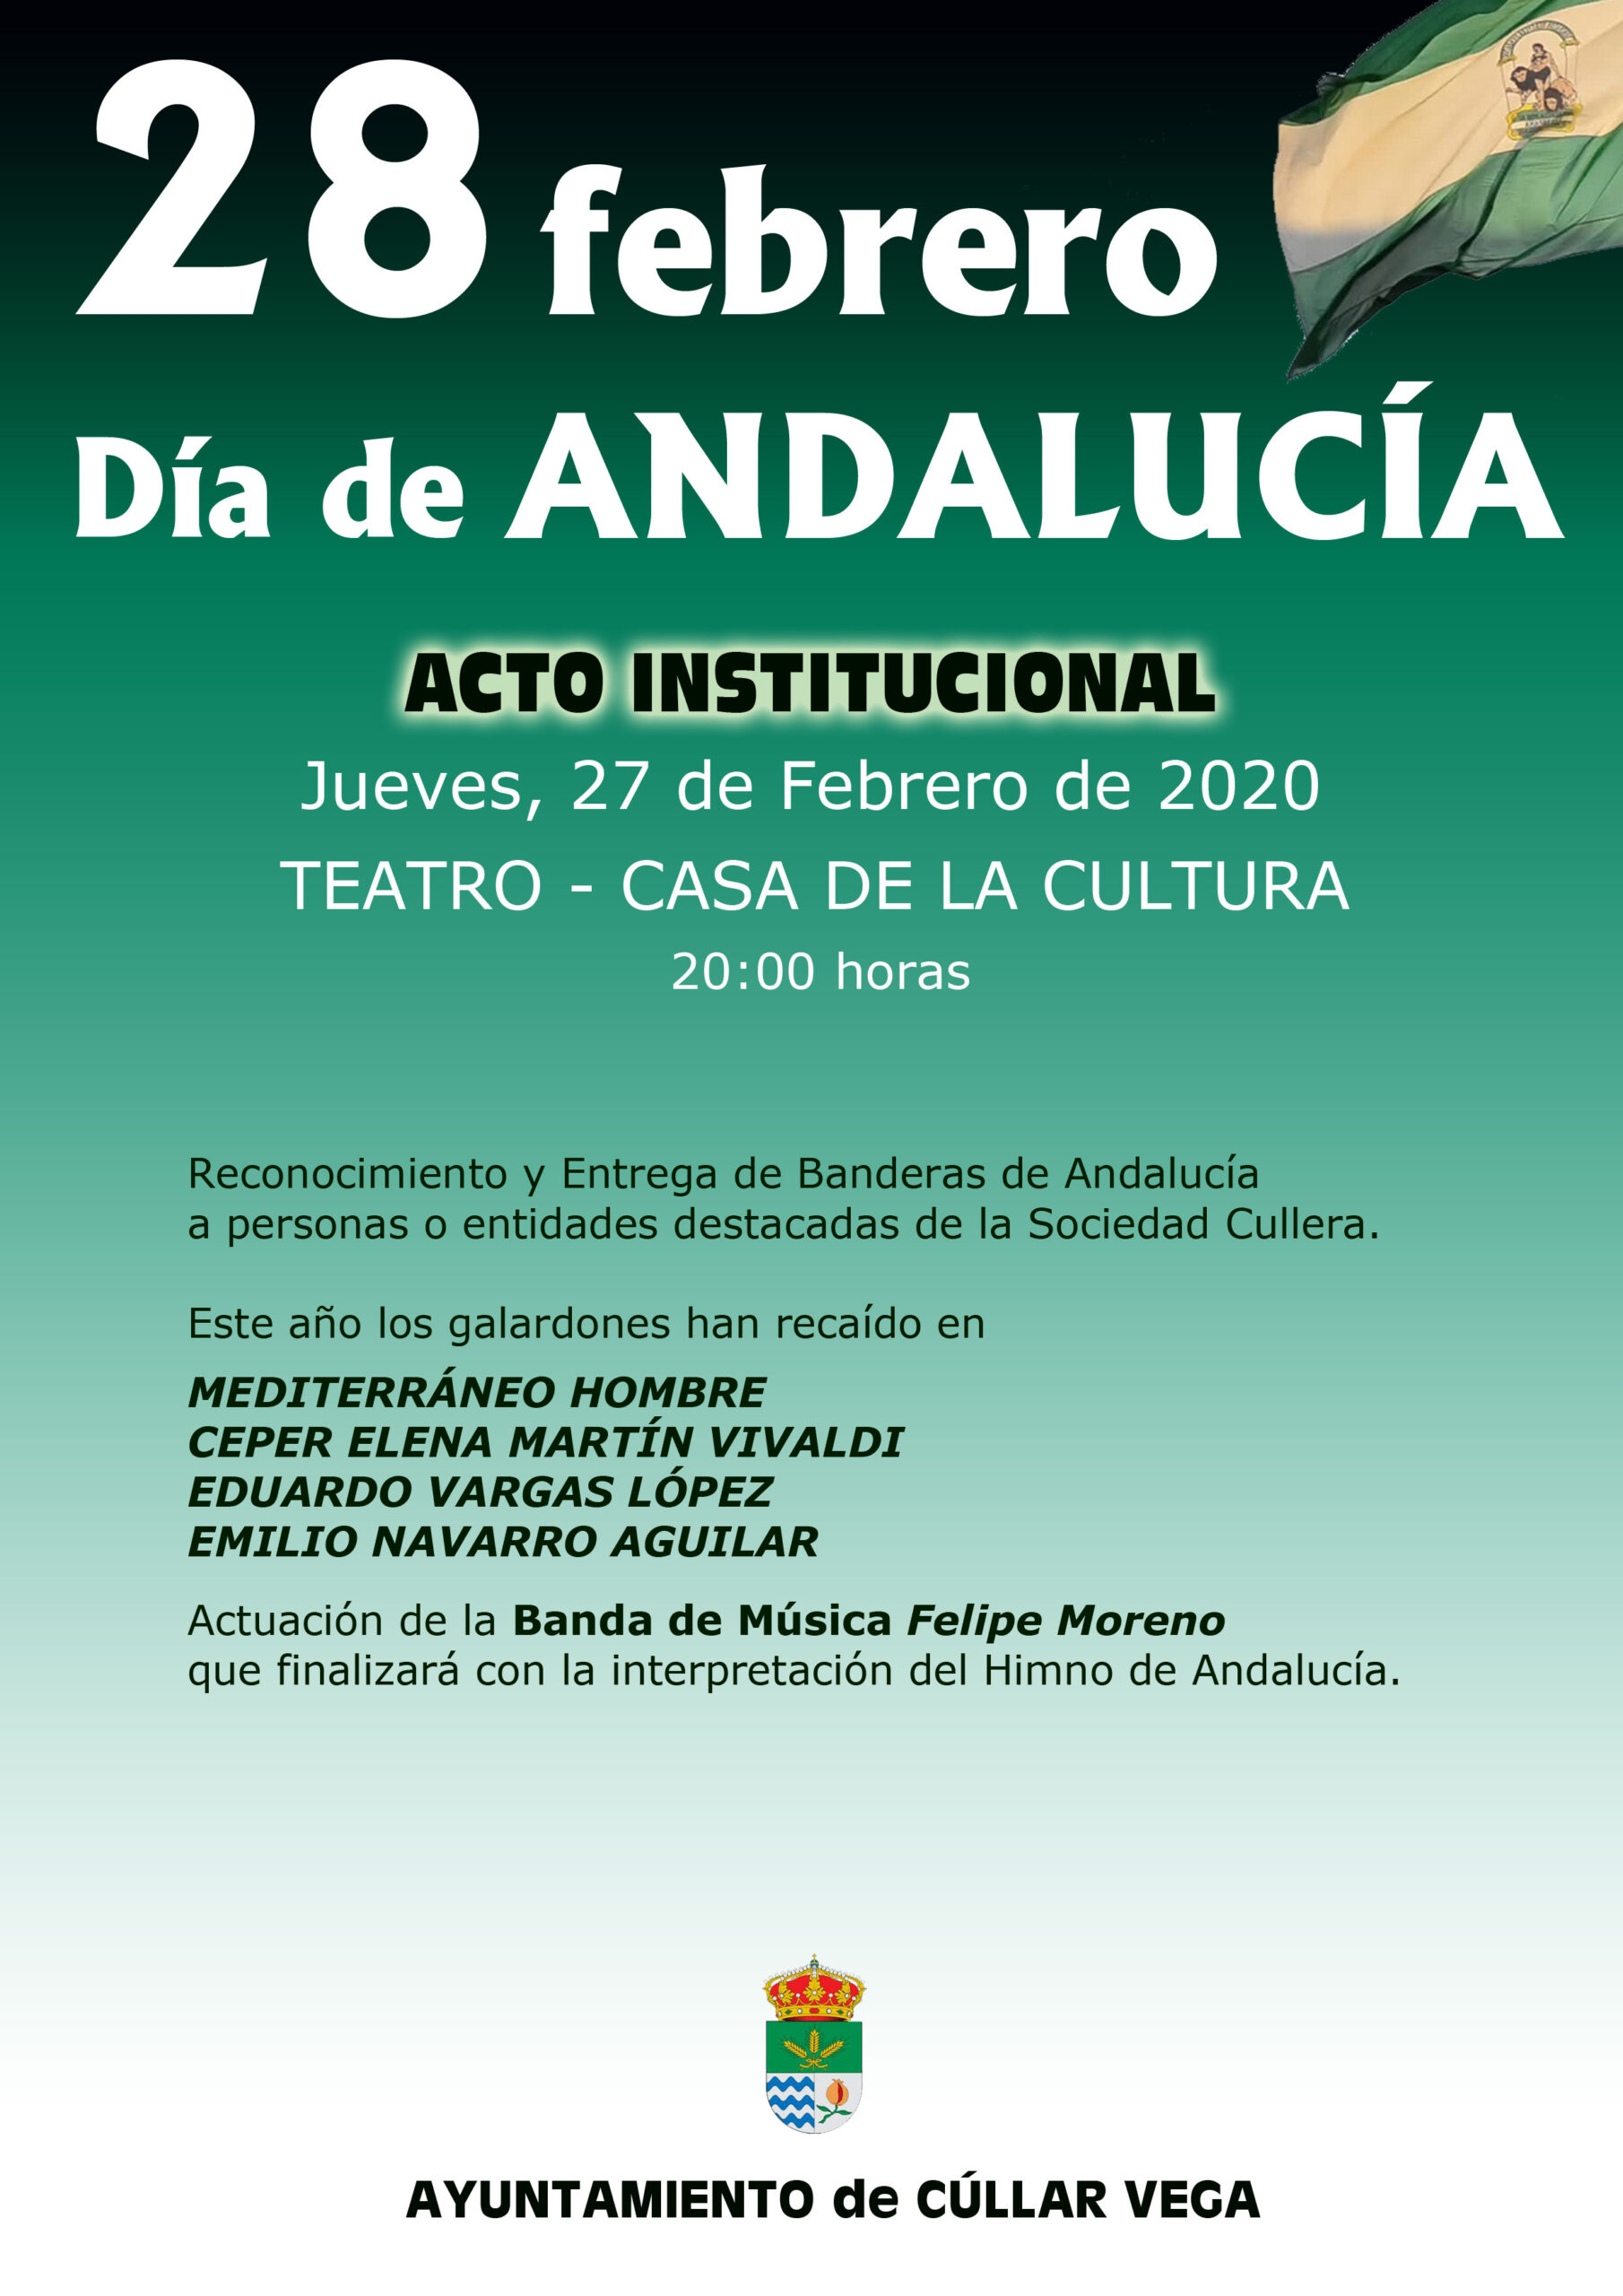 Actos Institucionales Día de Andalucía 2020